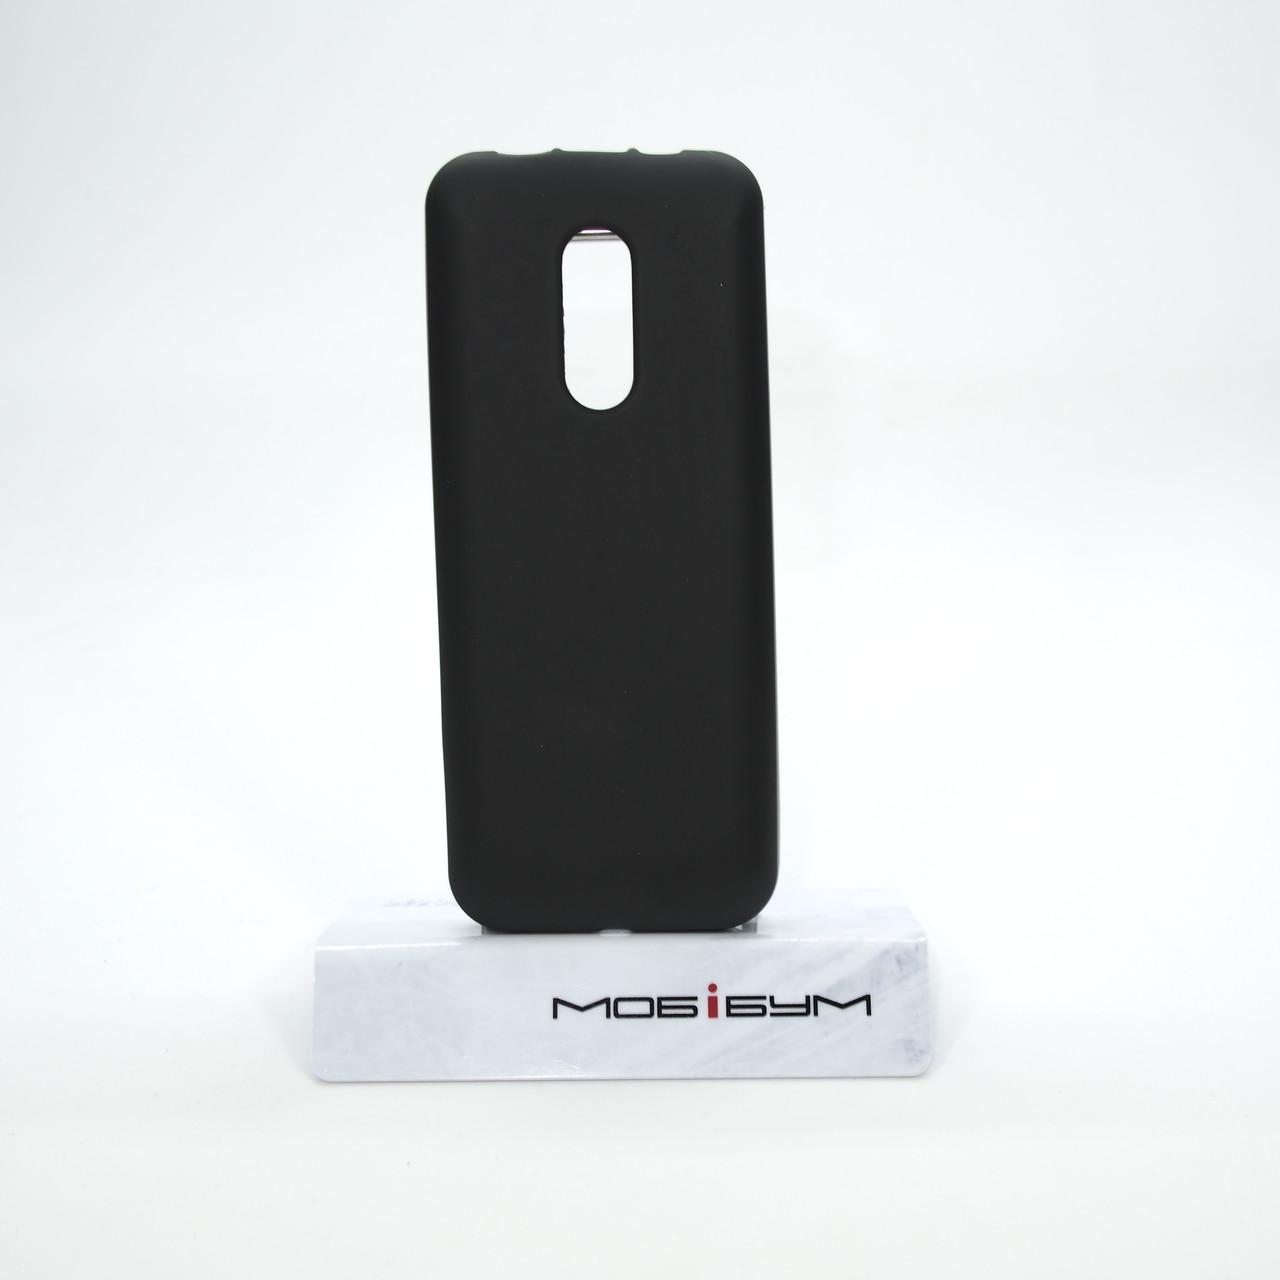 Чехол Silicon Nokia 105 black